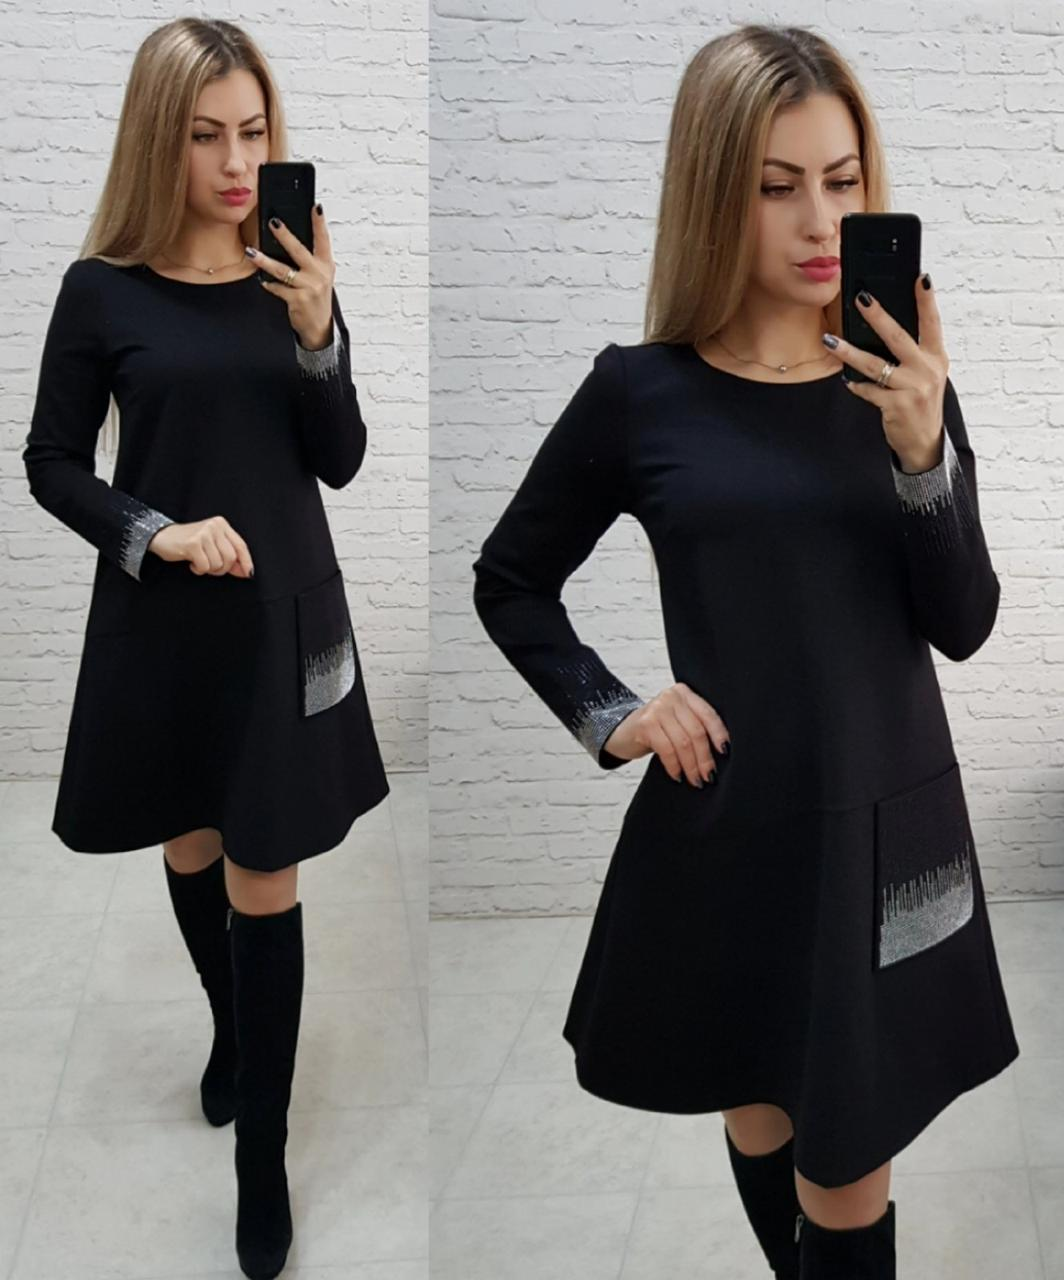 Новинка! Стильне трикотажне плаття з довгим рукавом, арт 178